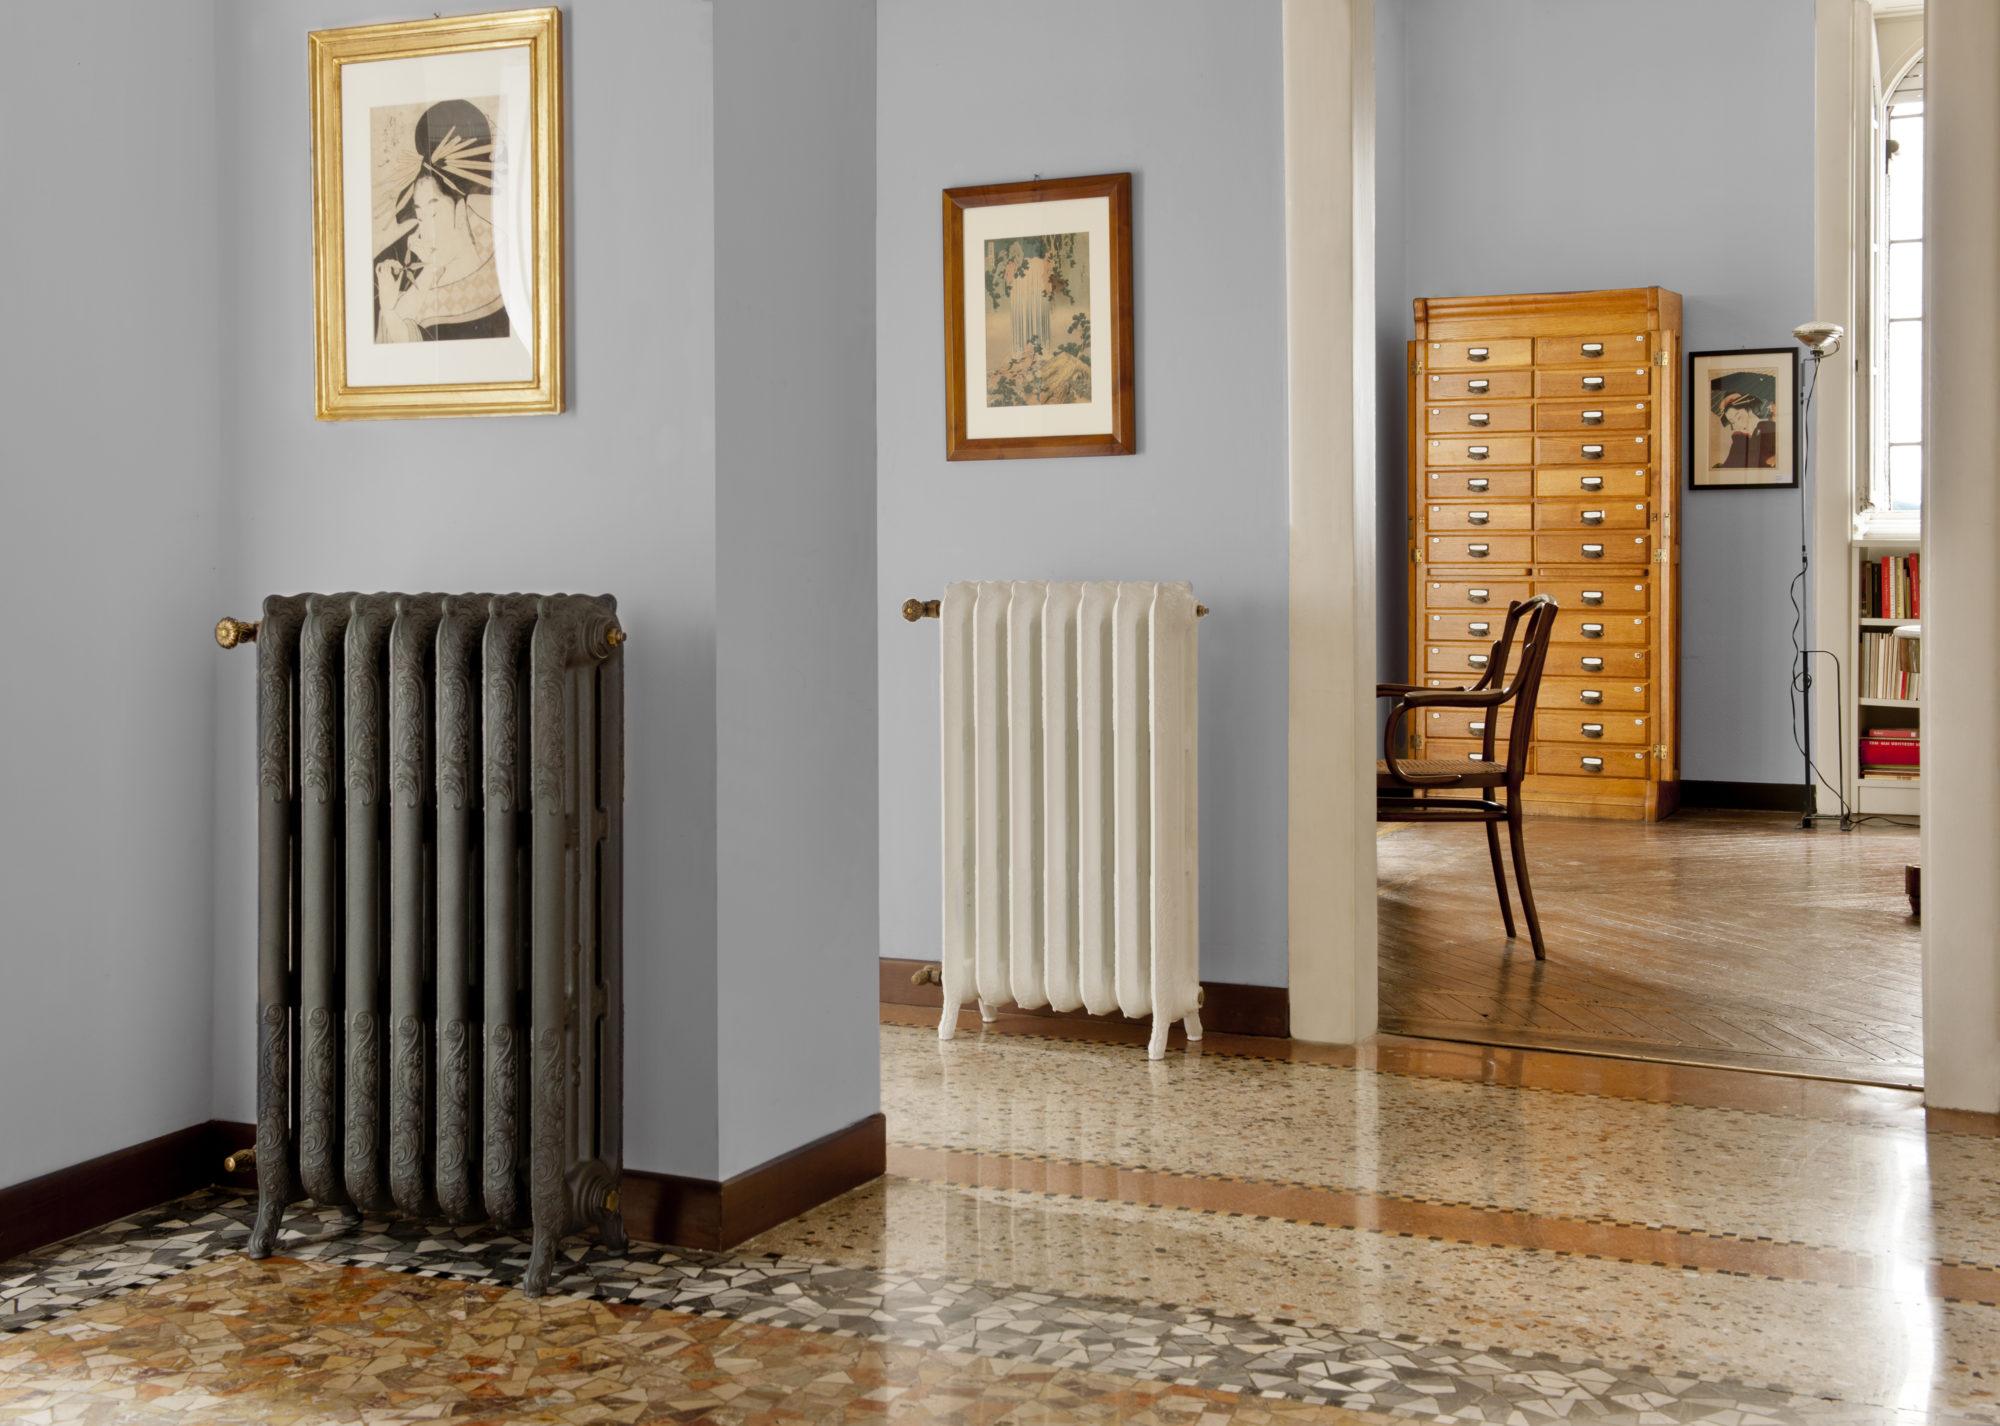 Radiatore barocco fotografo brescia ottavio tomasini for Design interni brescia